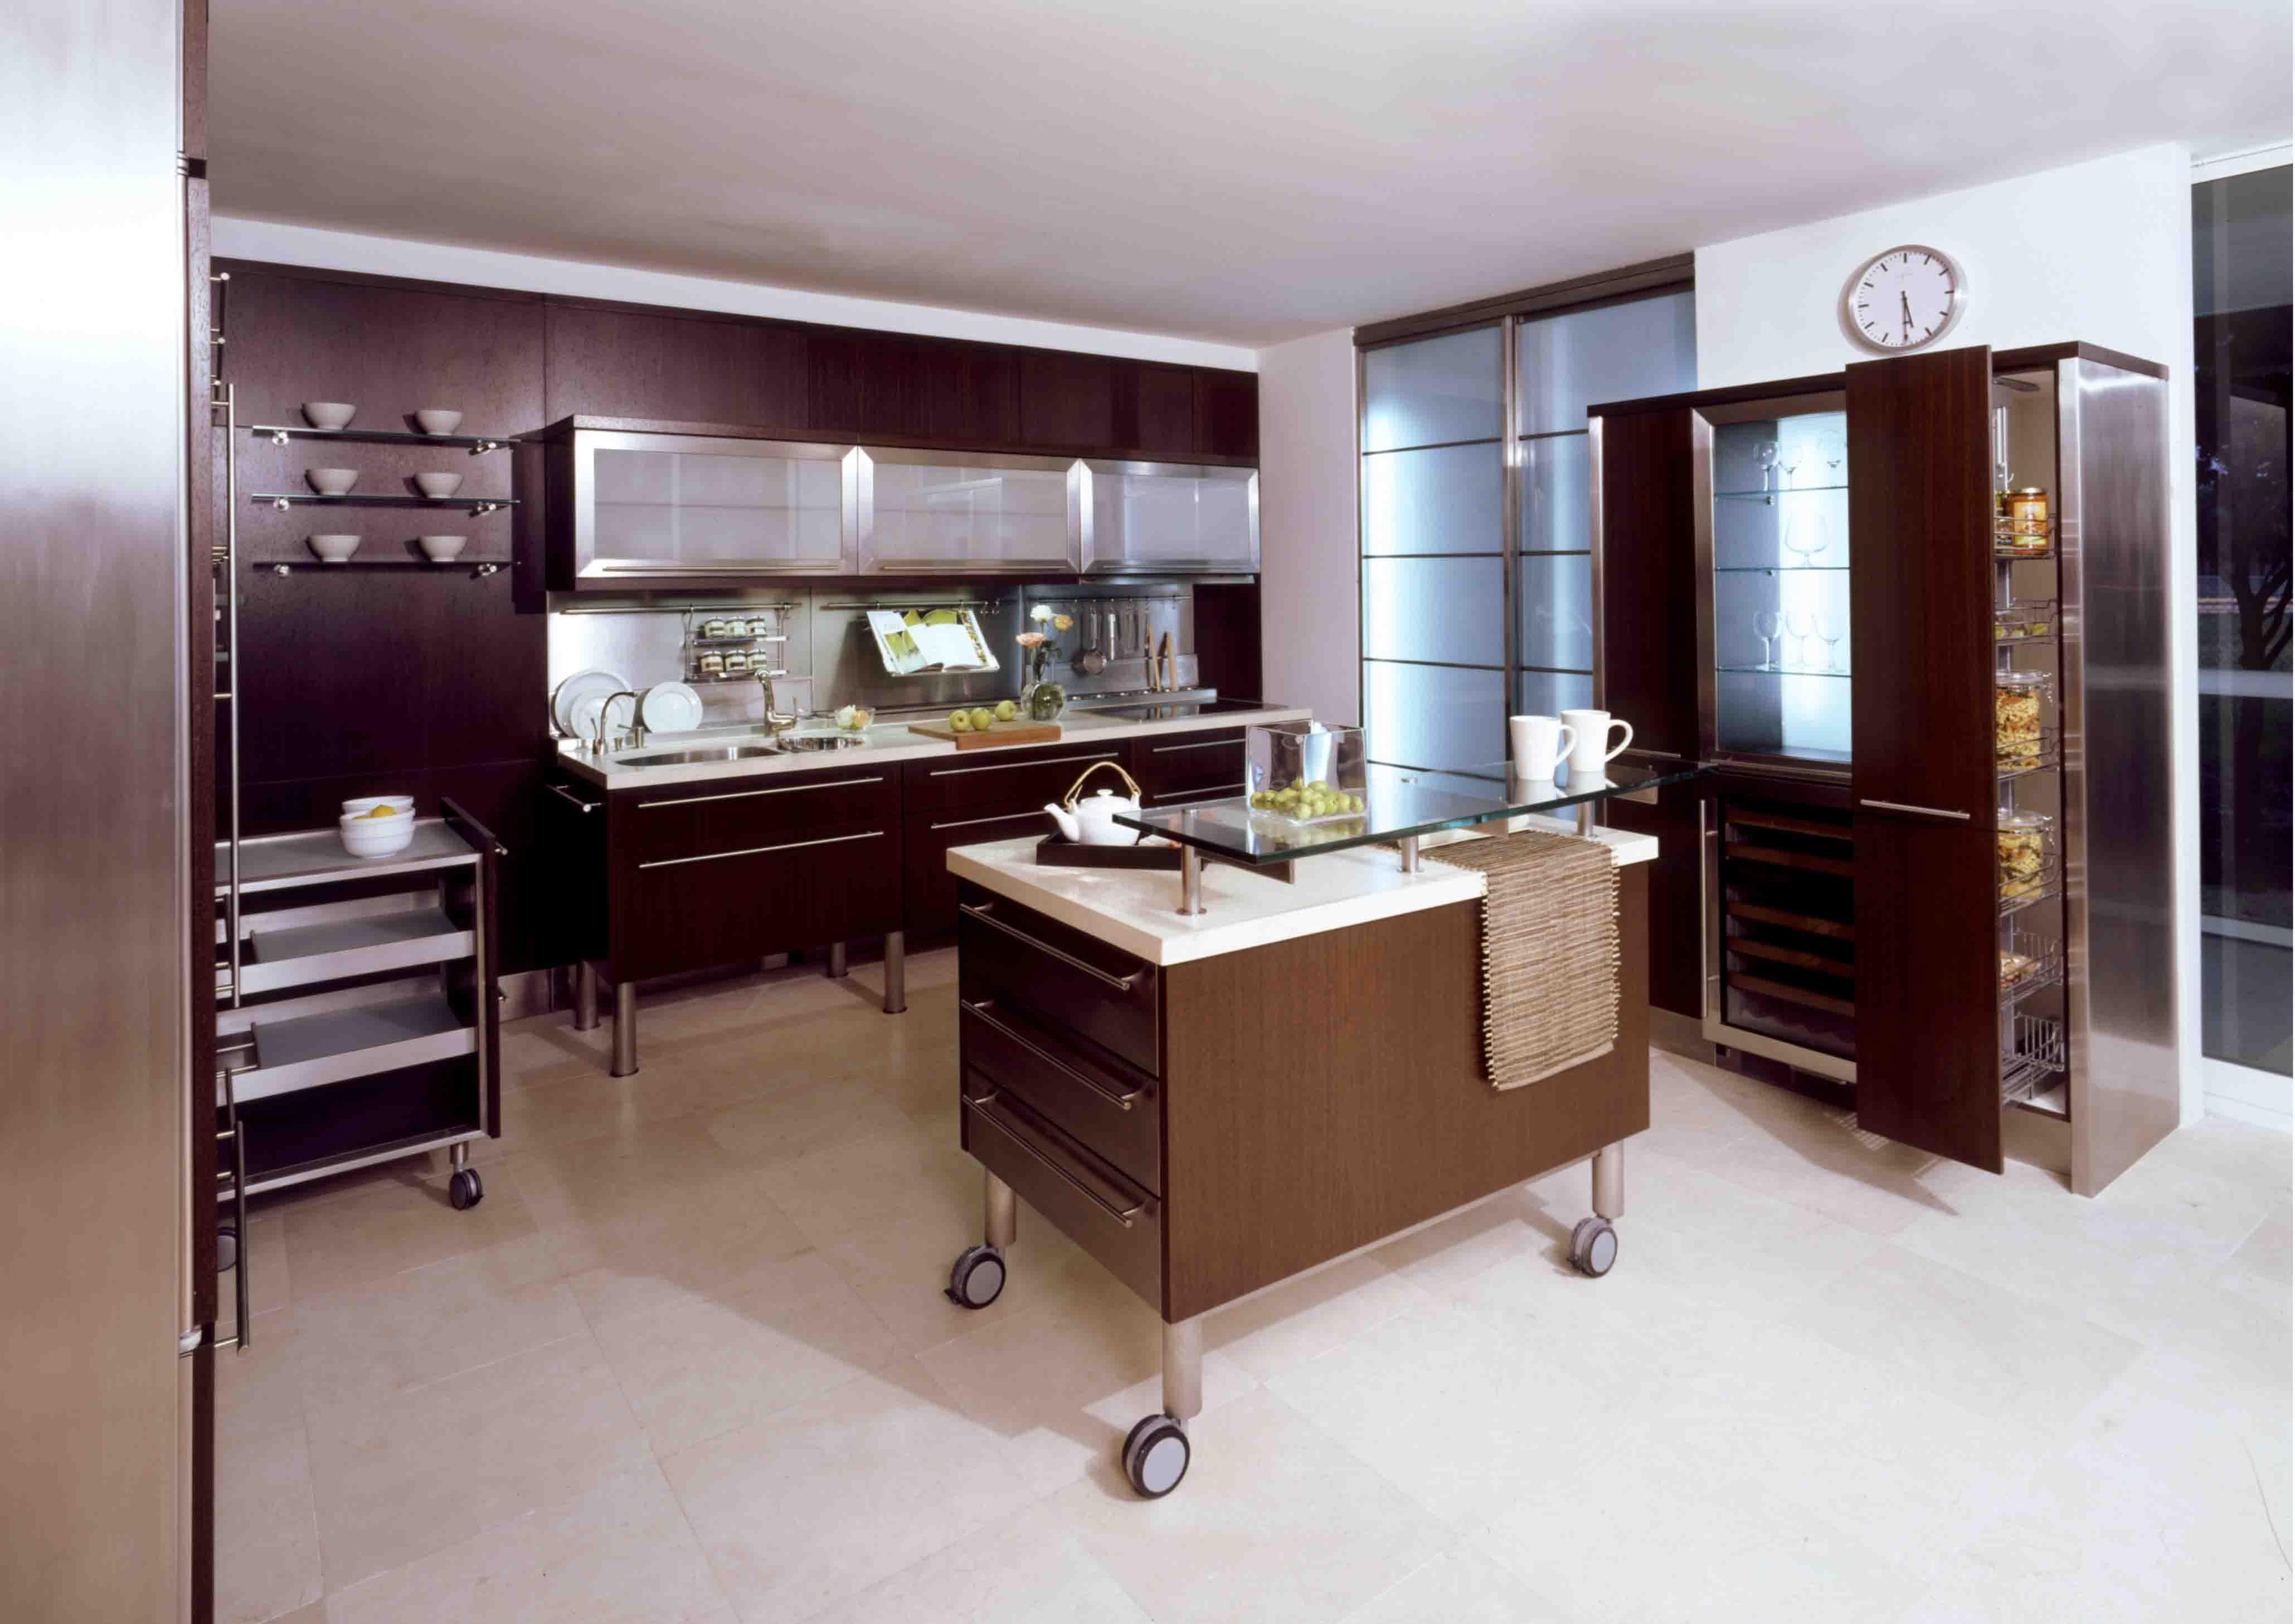 Cocinas con diseño gourmet - Arquitectura de Calle